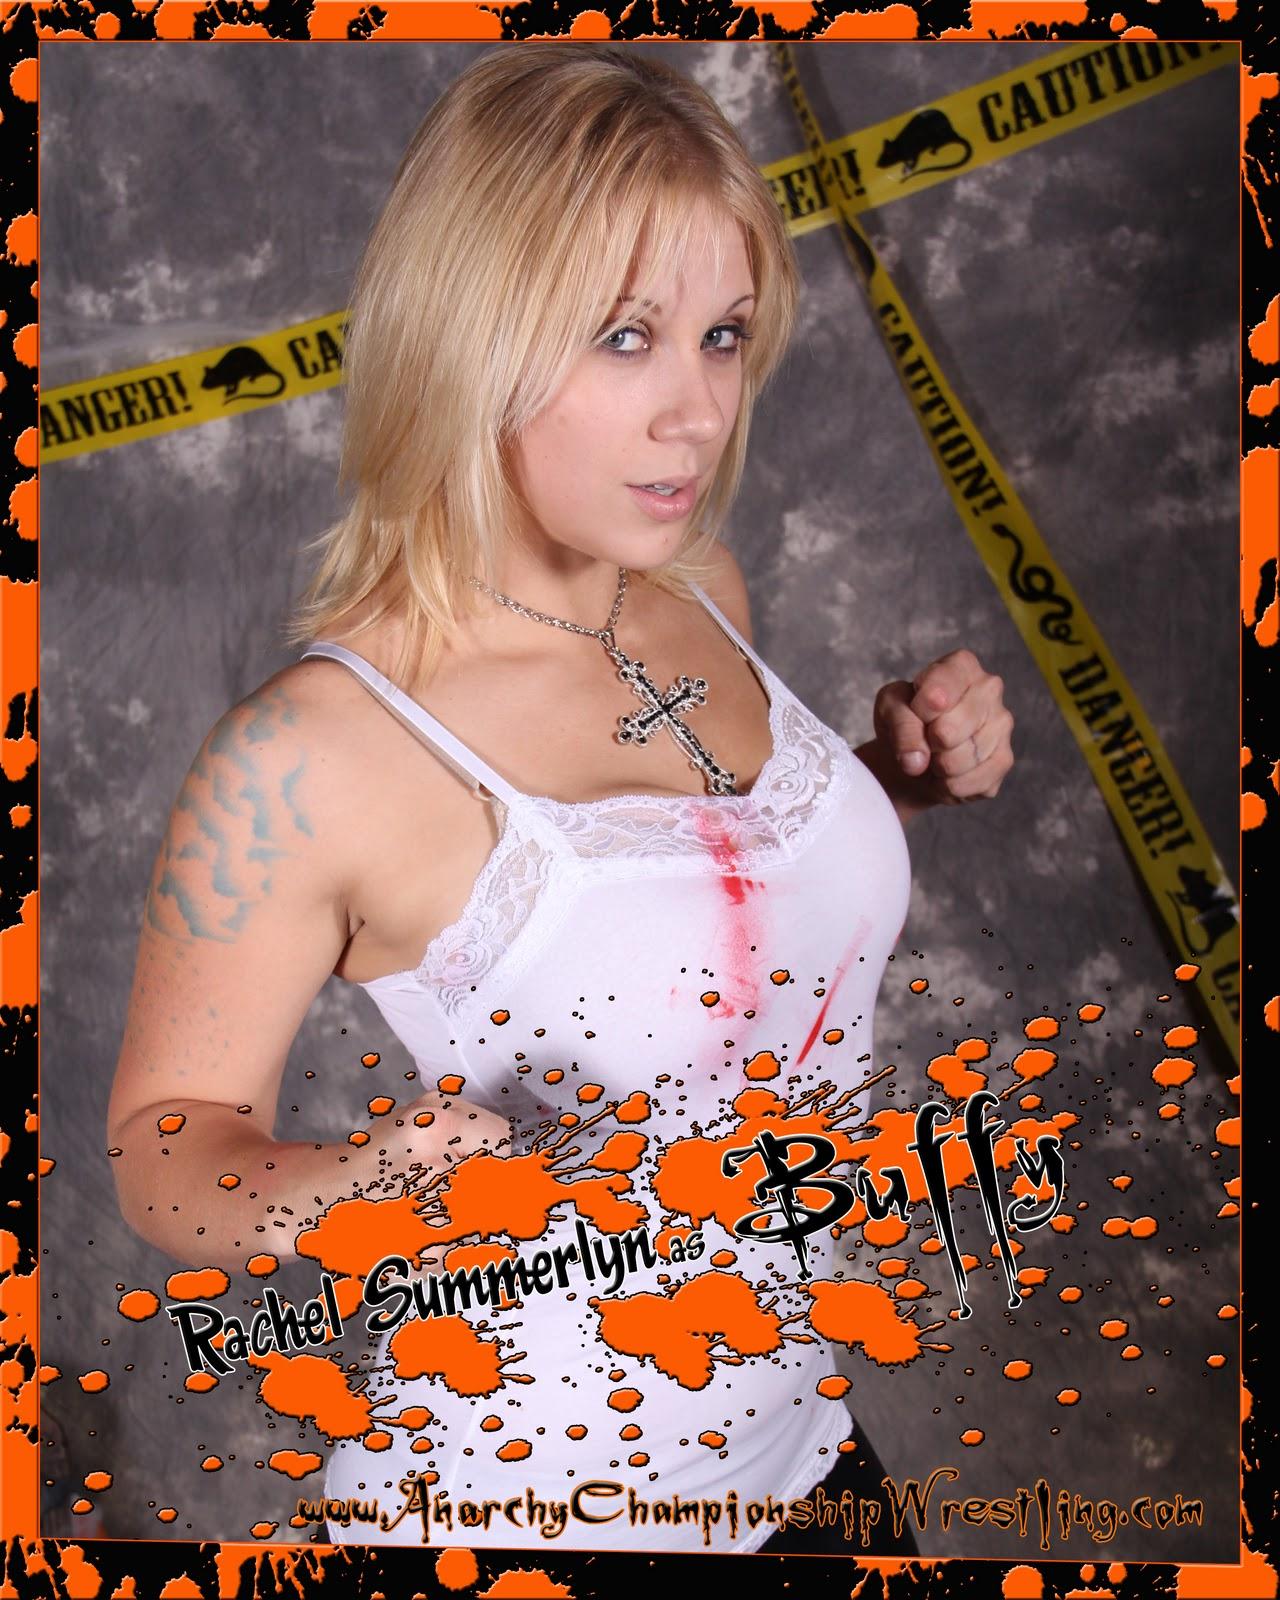 http://1.bp.blogspot.com/-X54xswAUloM/Tq9FeSn0zWI/AAAAAAAAAX8/PqBL9qW6lh0/s1600/Rachel3.jpg